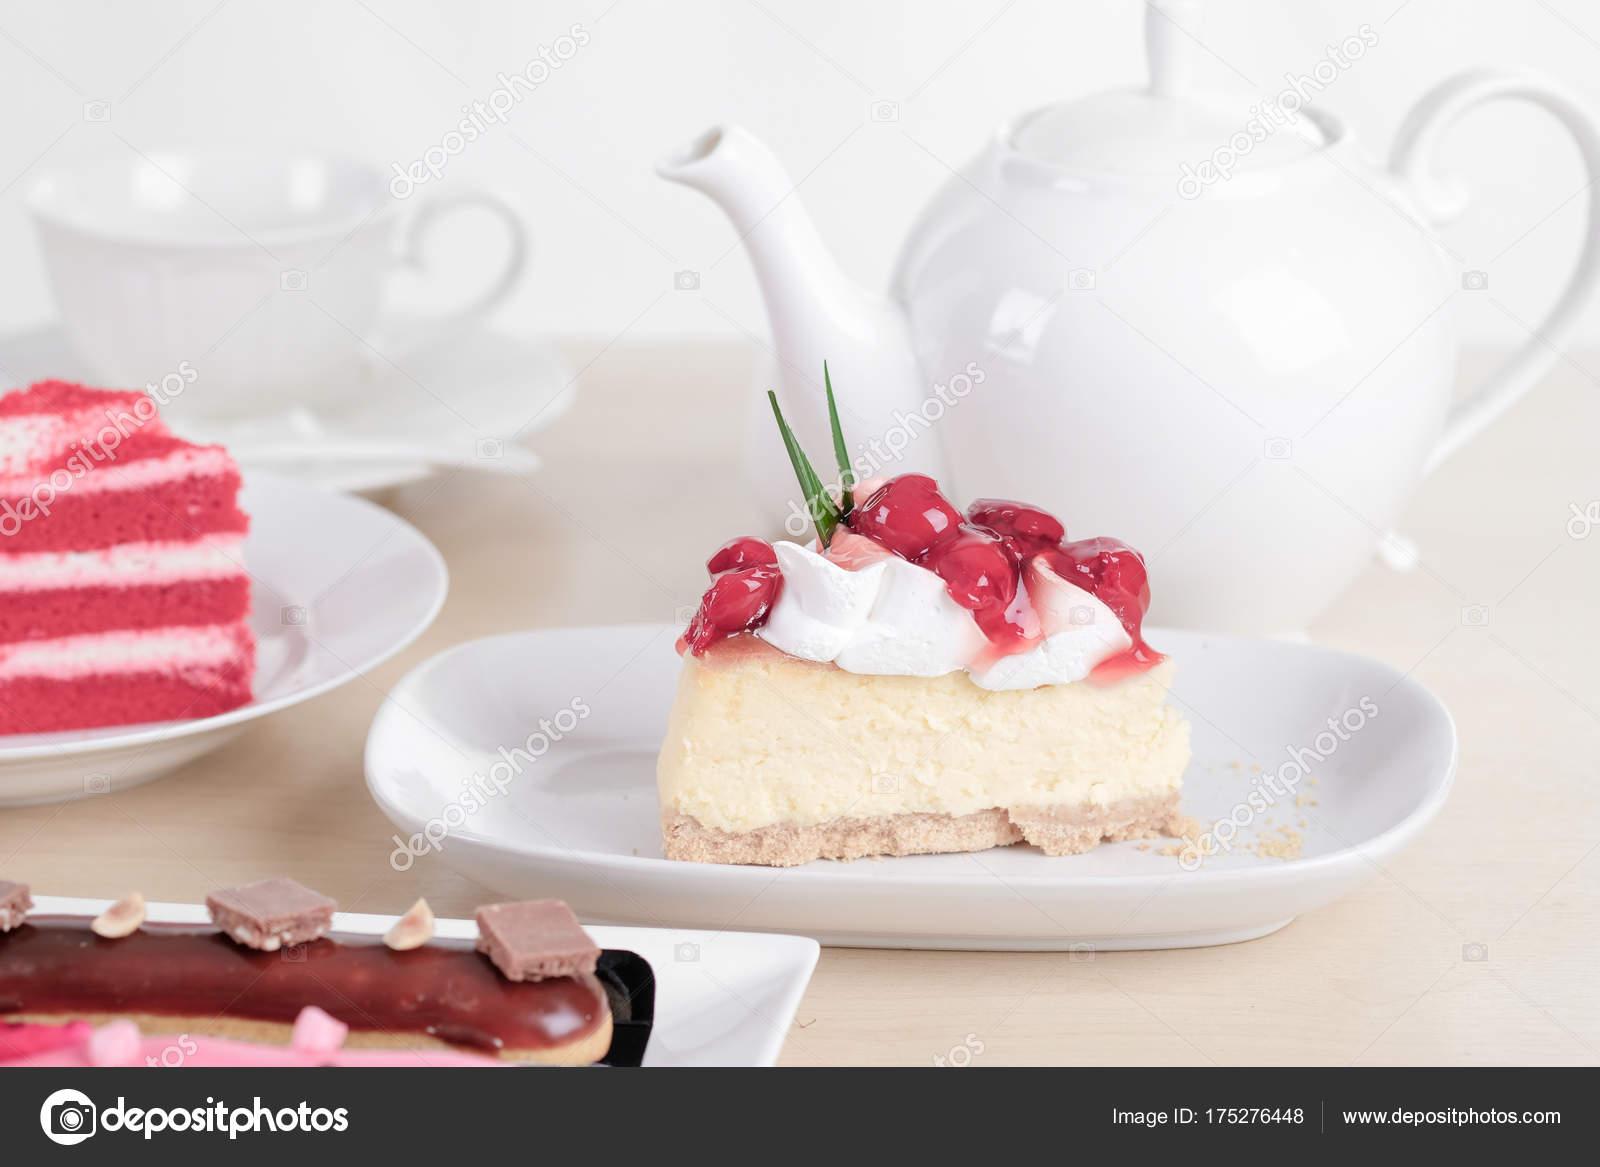 Schone Kuchen Und Dessert Auf Holztisch Pastellfarben Soft Fokus